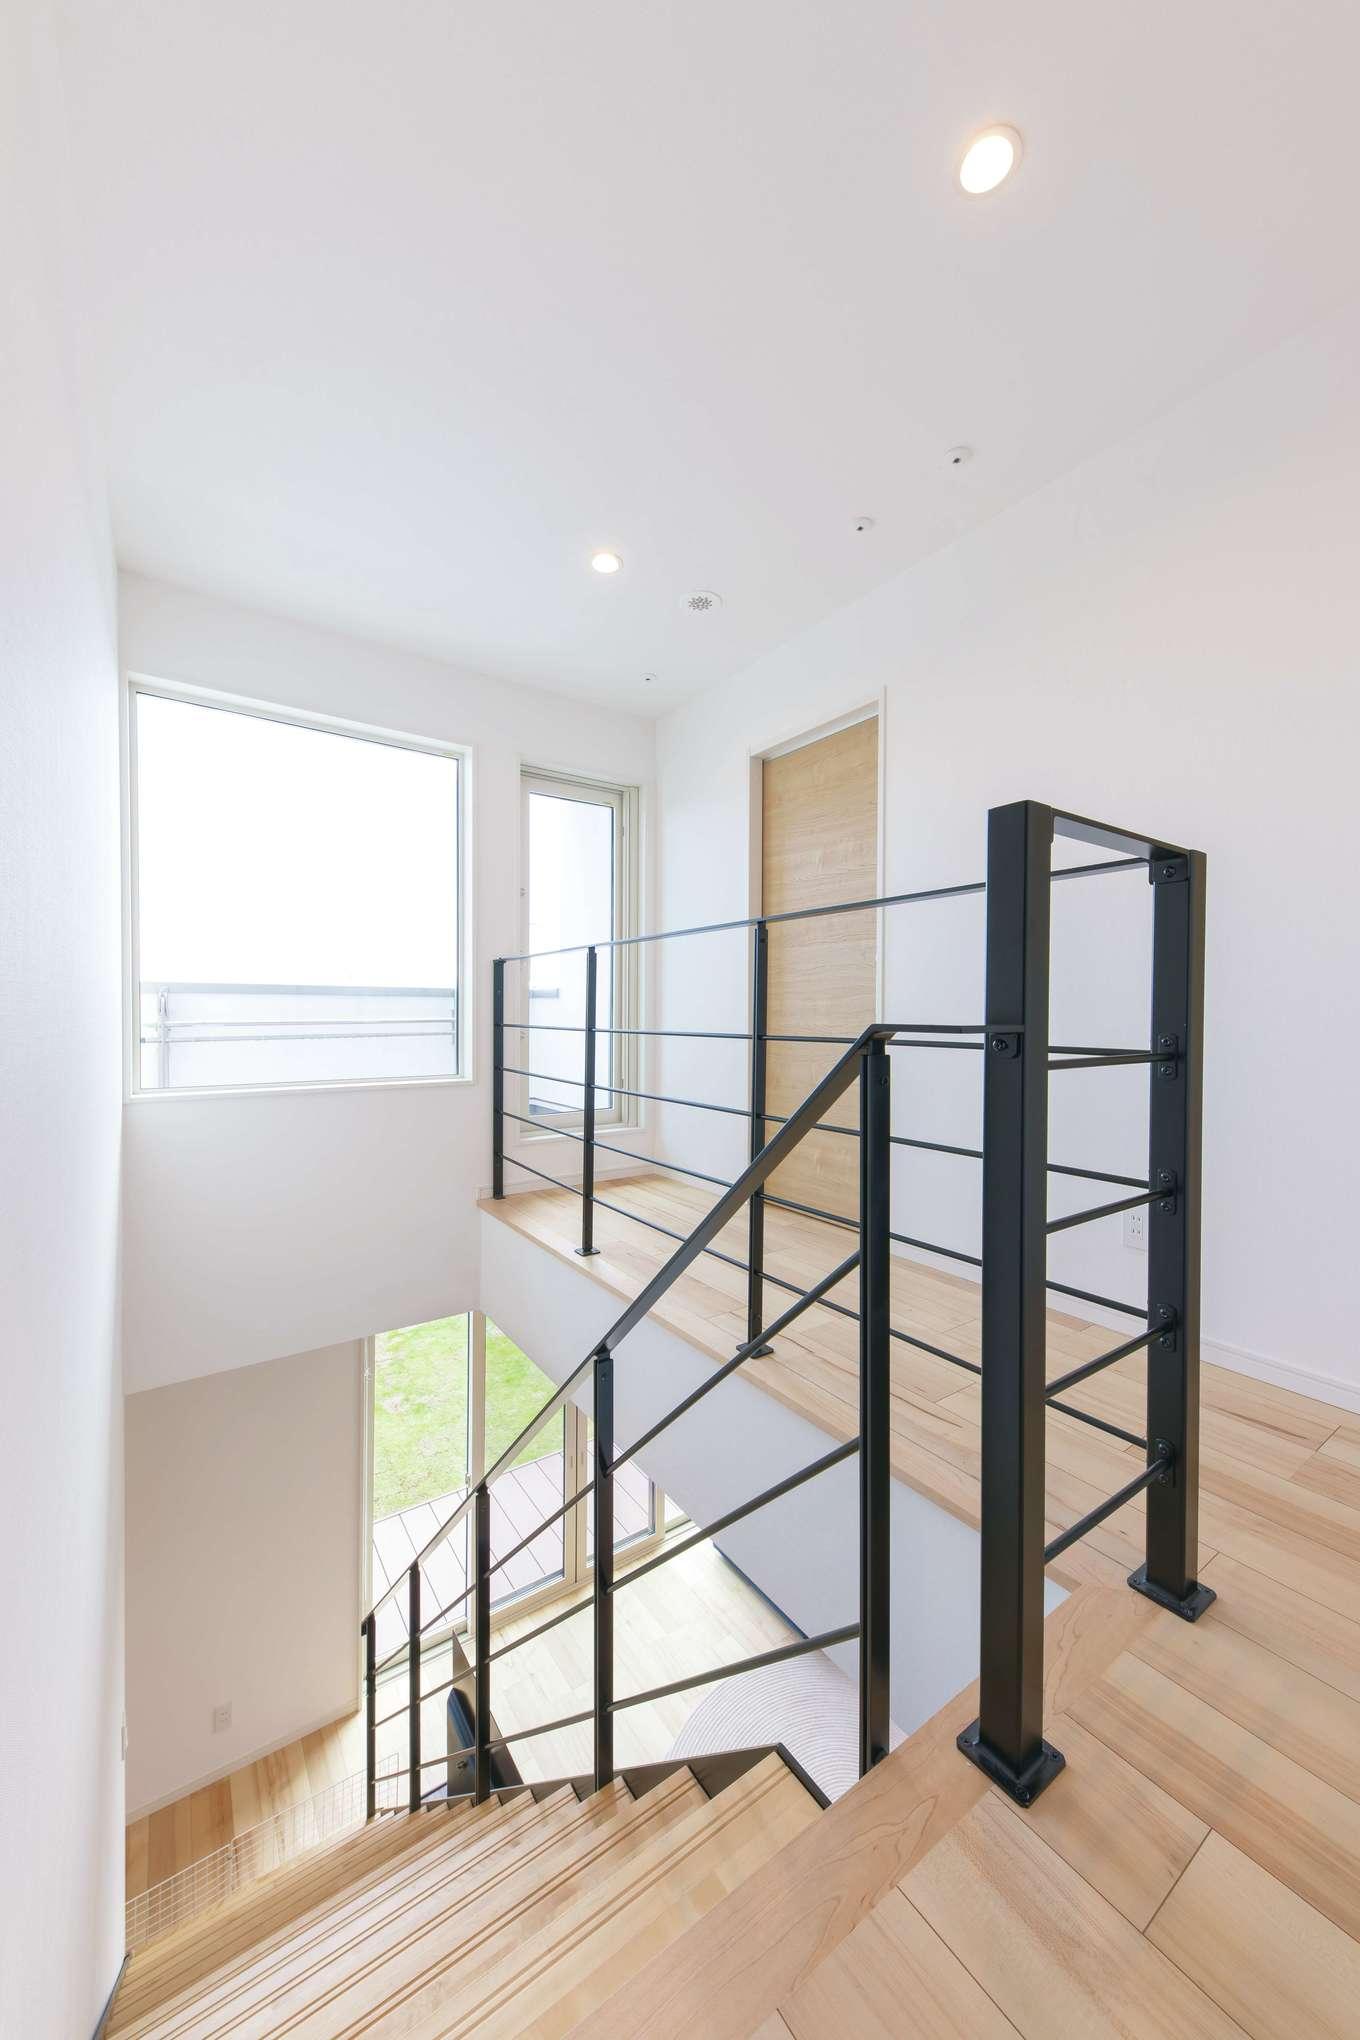 2階の部屋干しスペース。浴室と洗面脱衣室を2階に配置したことで、1階LDKを広く確保することができた